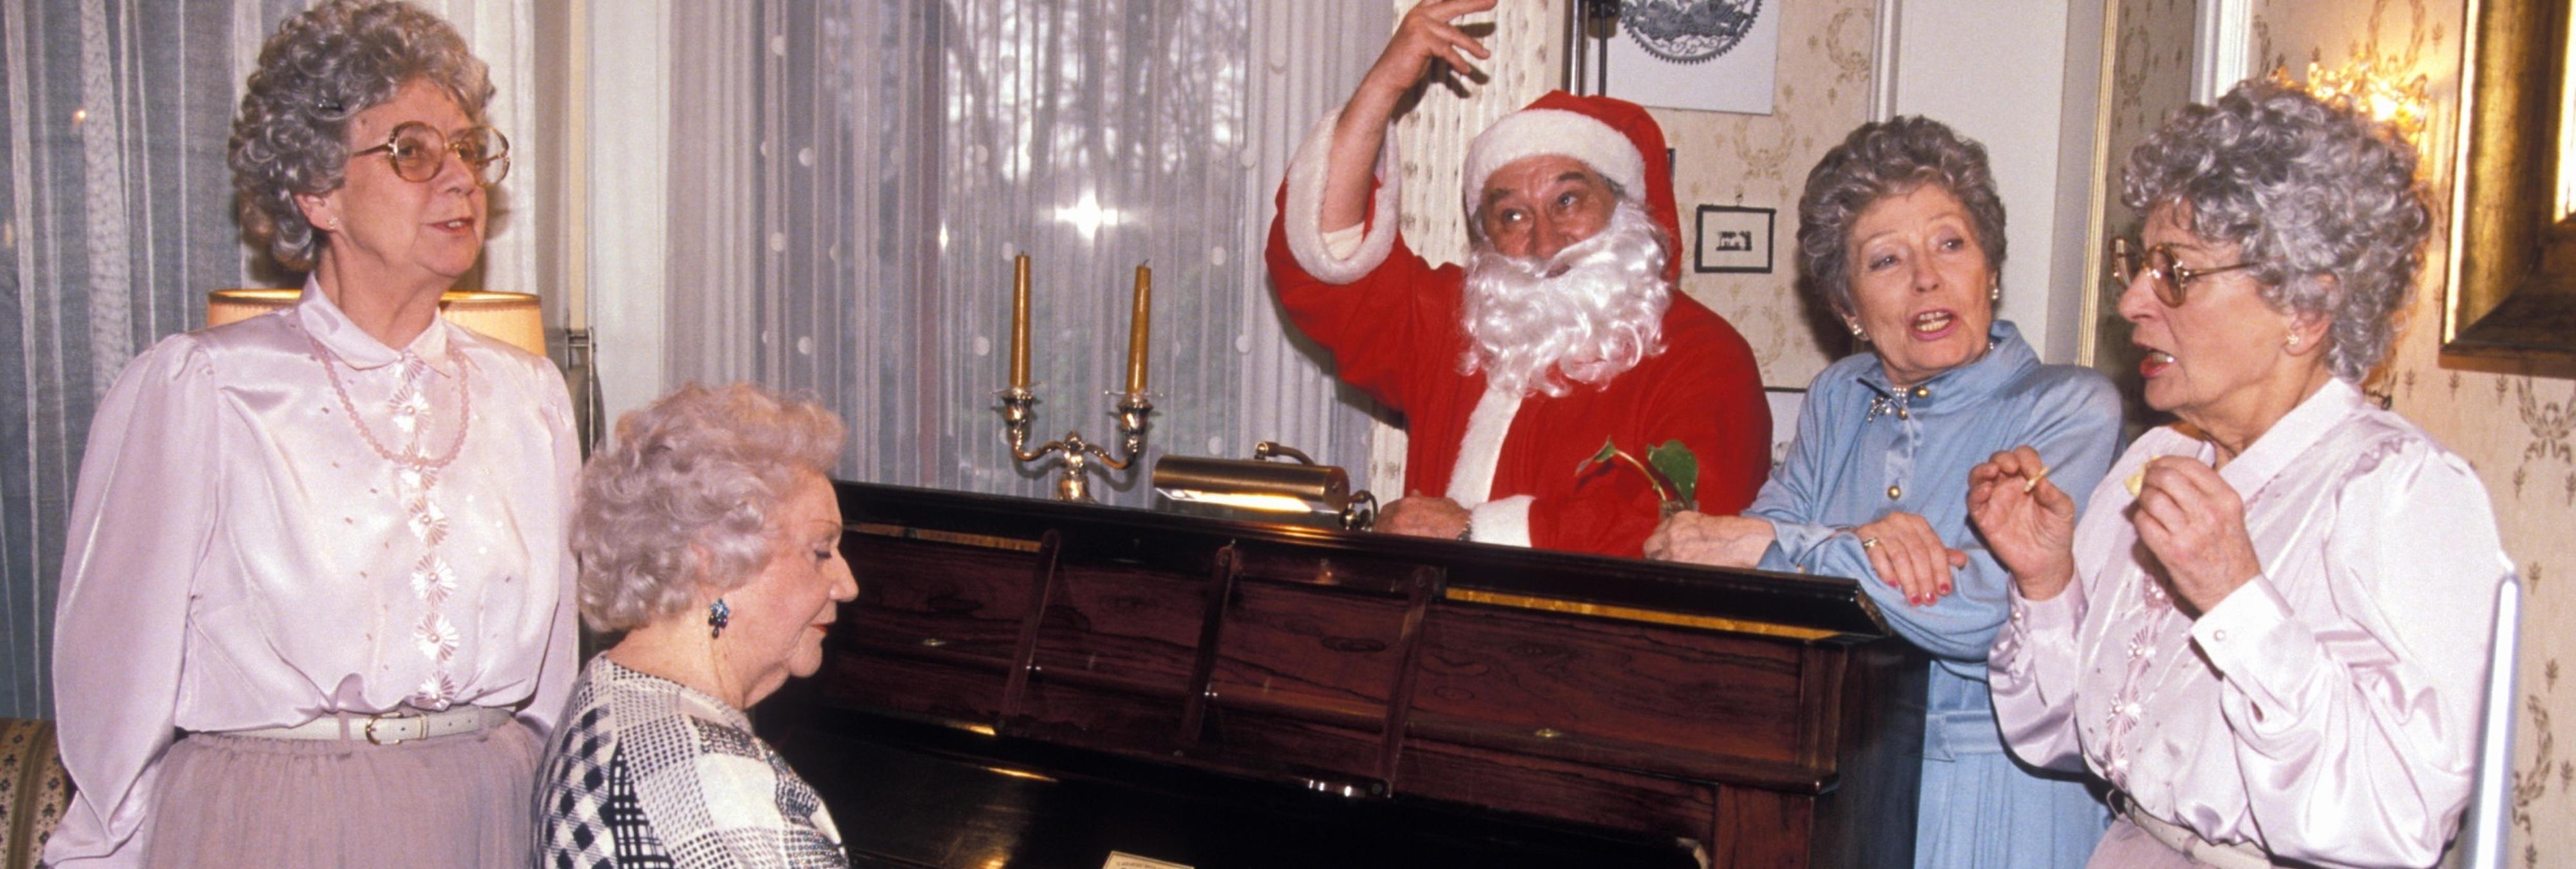 10 de las costumbres navideñas más extrañas del mundo